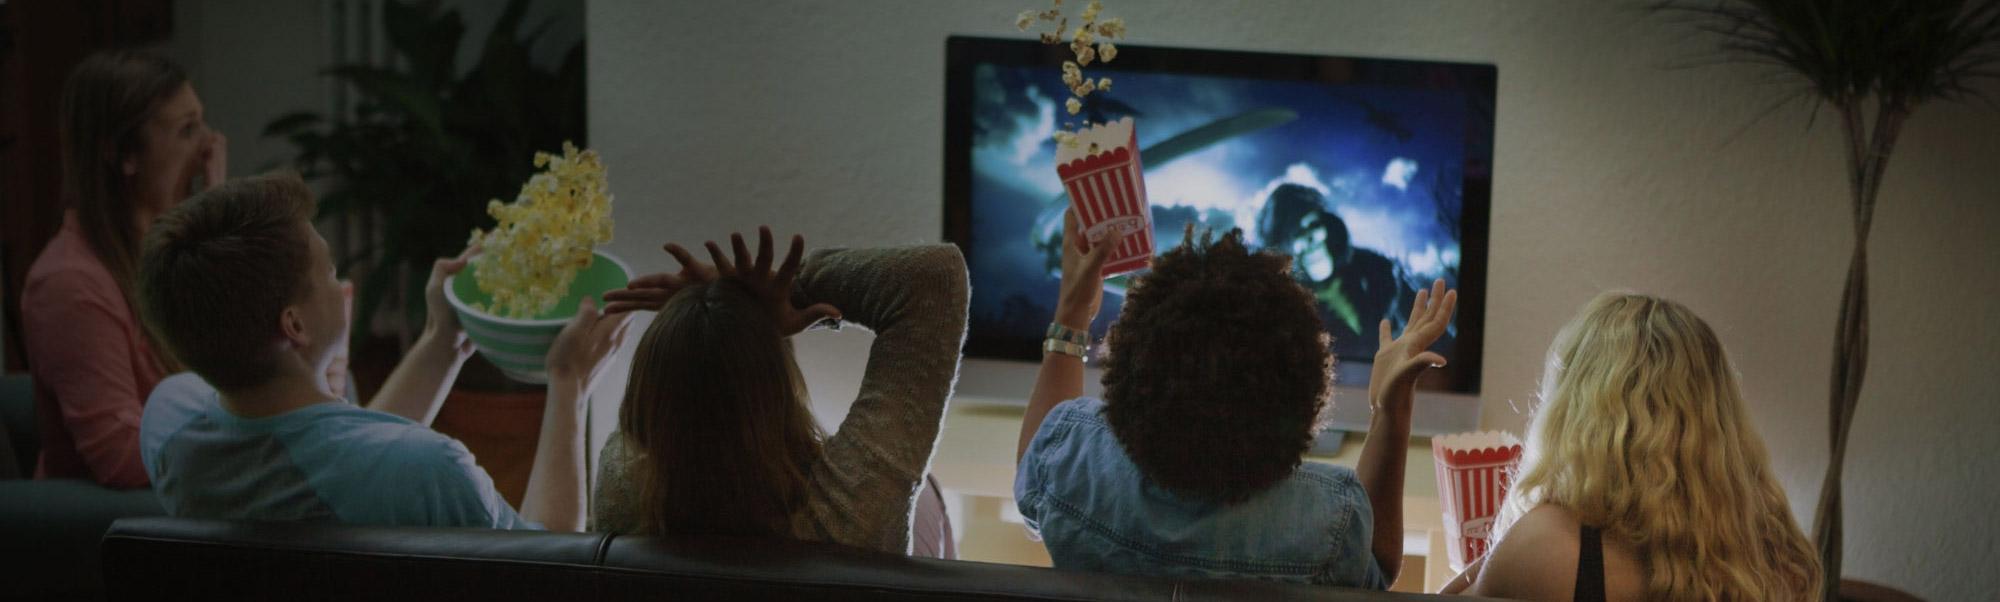 Katso uusimpia elokuvia ja tv-ohjelmia paikasta riippumatta